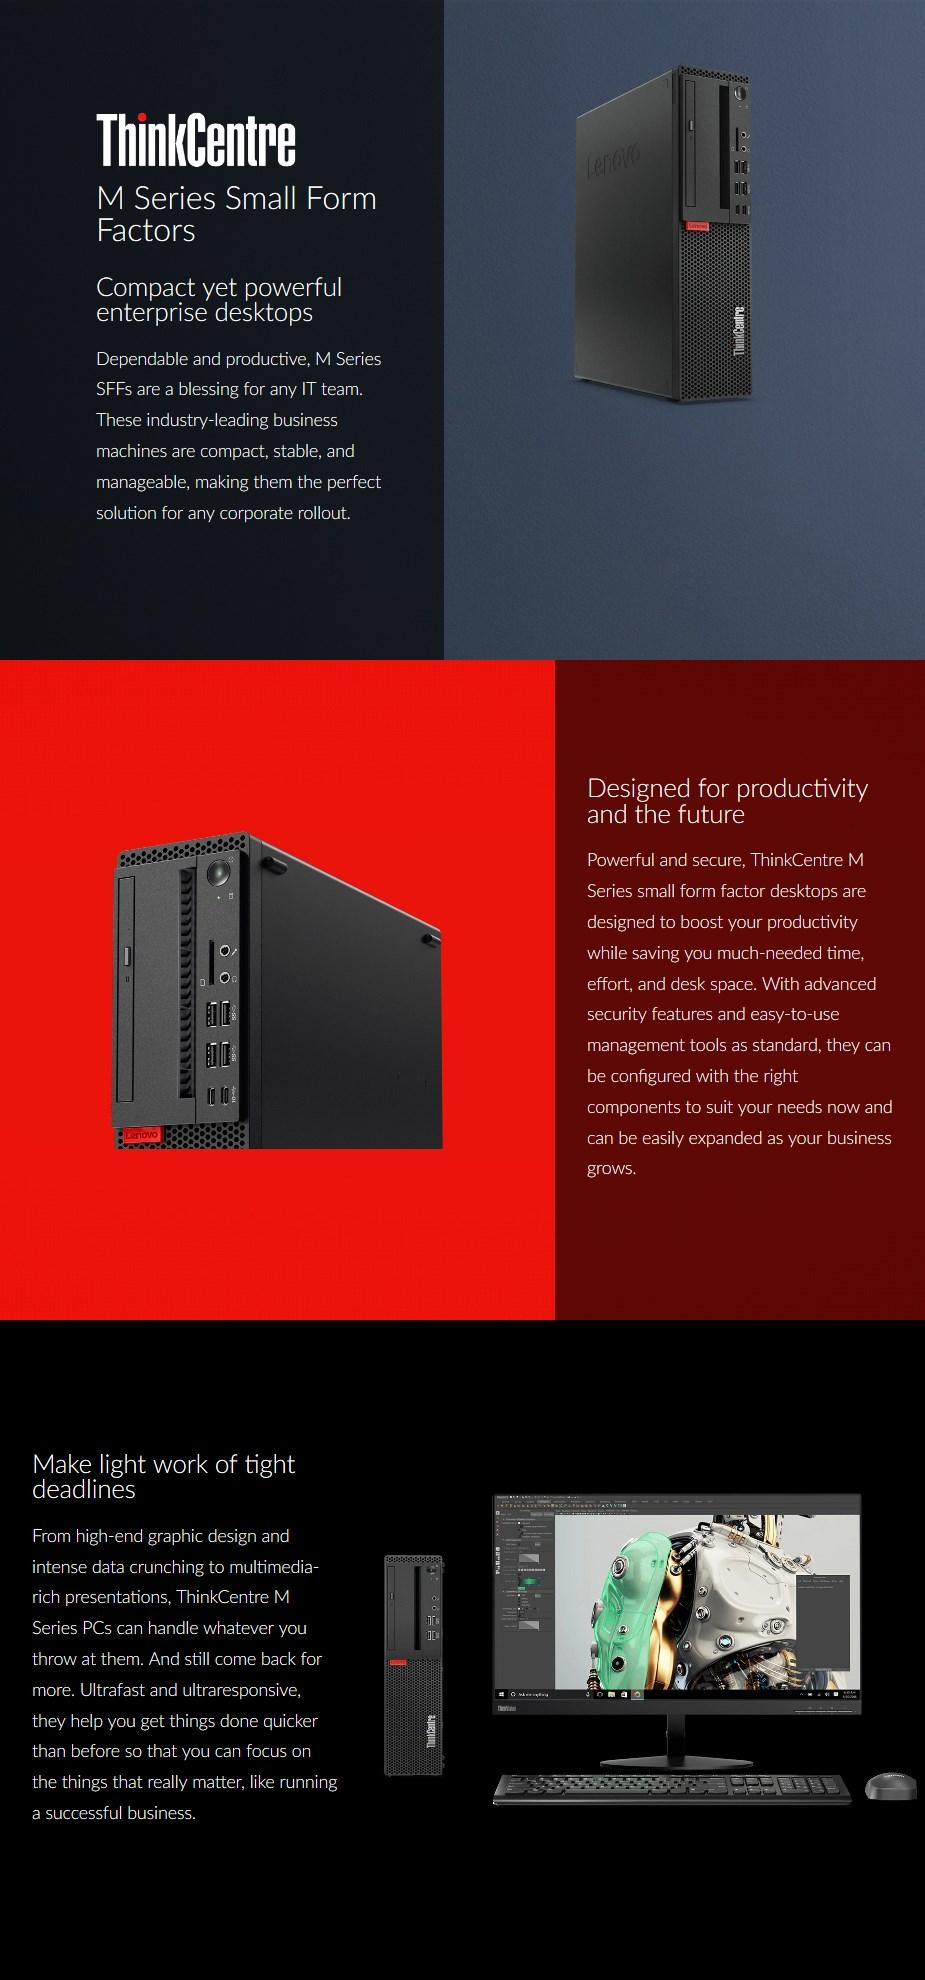 Lenovo M720S SFF PC i5-9400 16GB 512GB Win10 Pro - Desktop Overview 1